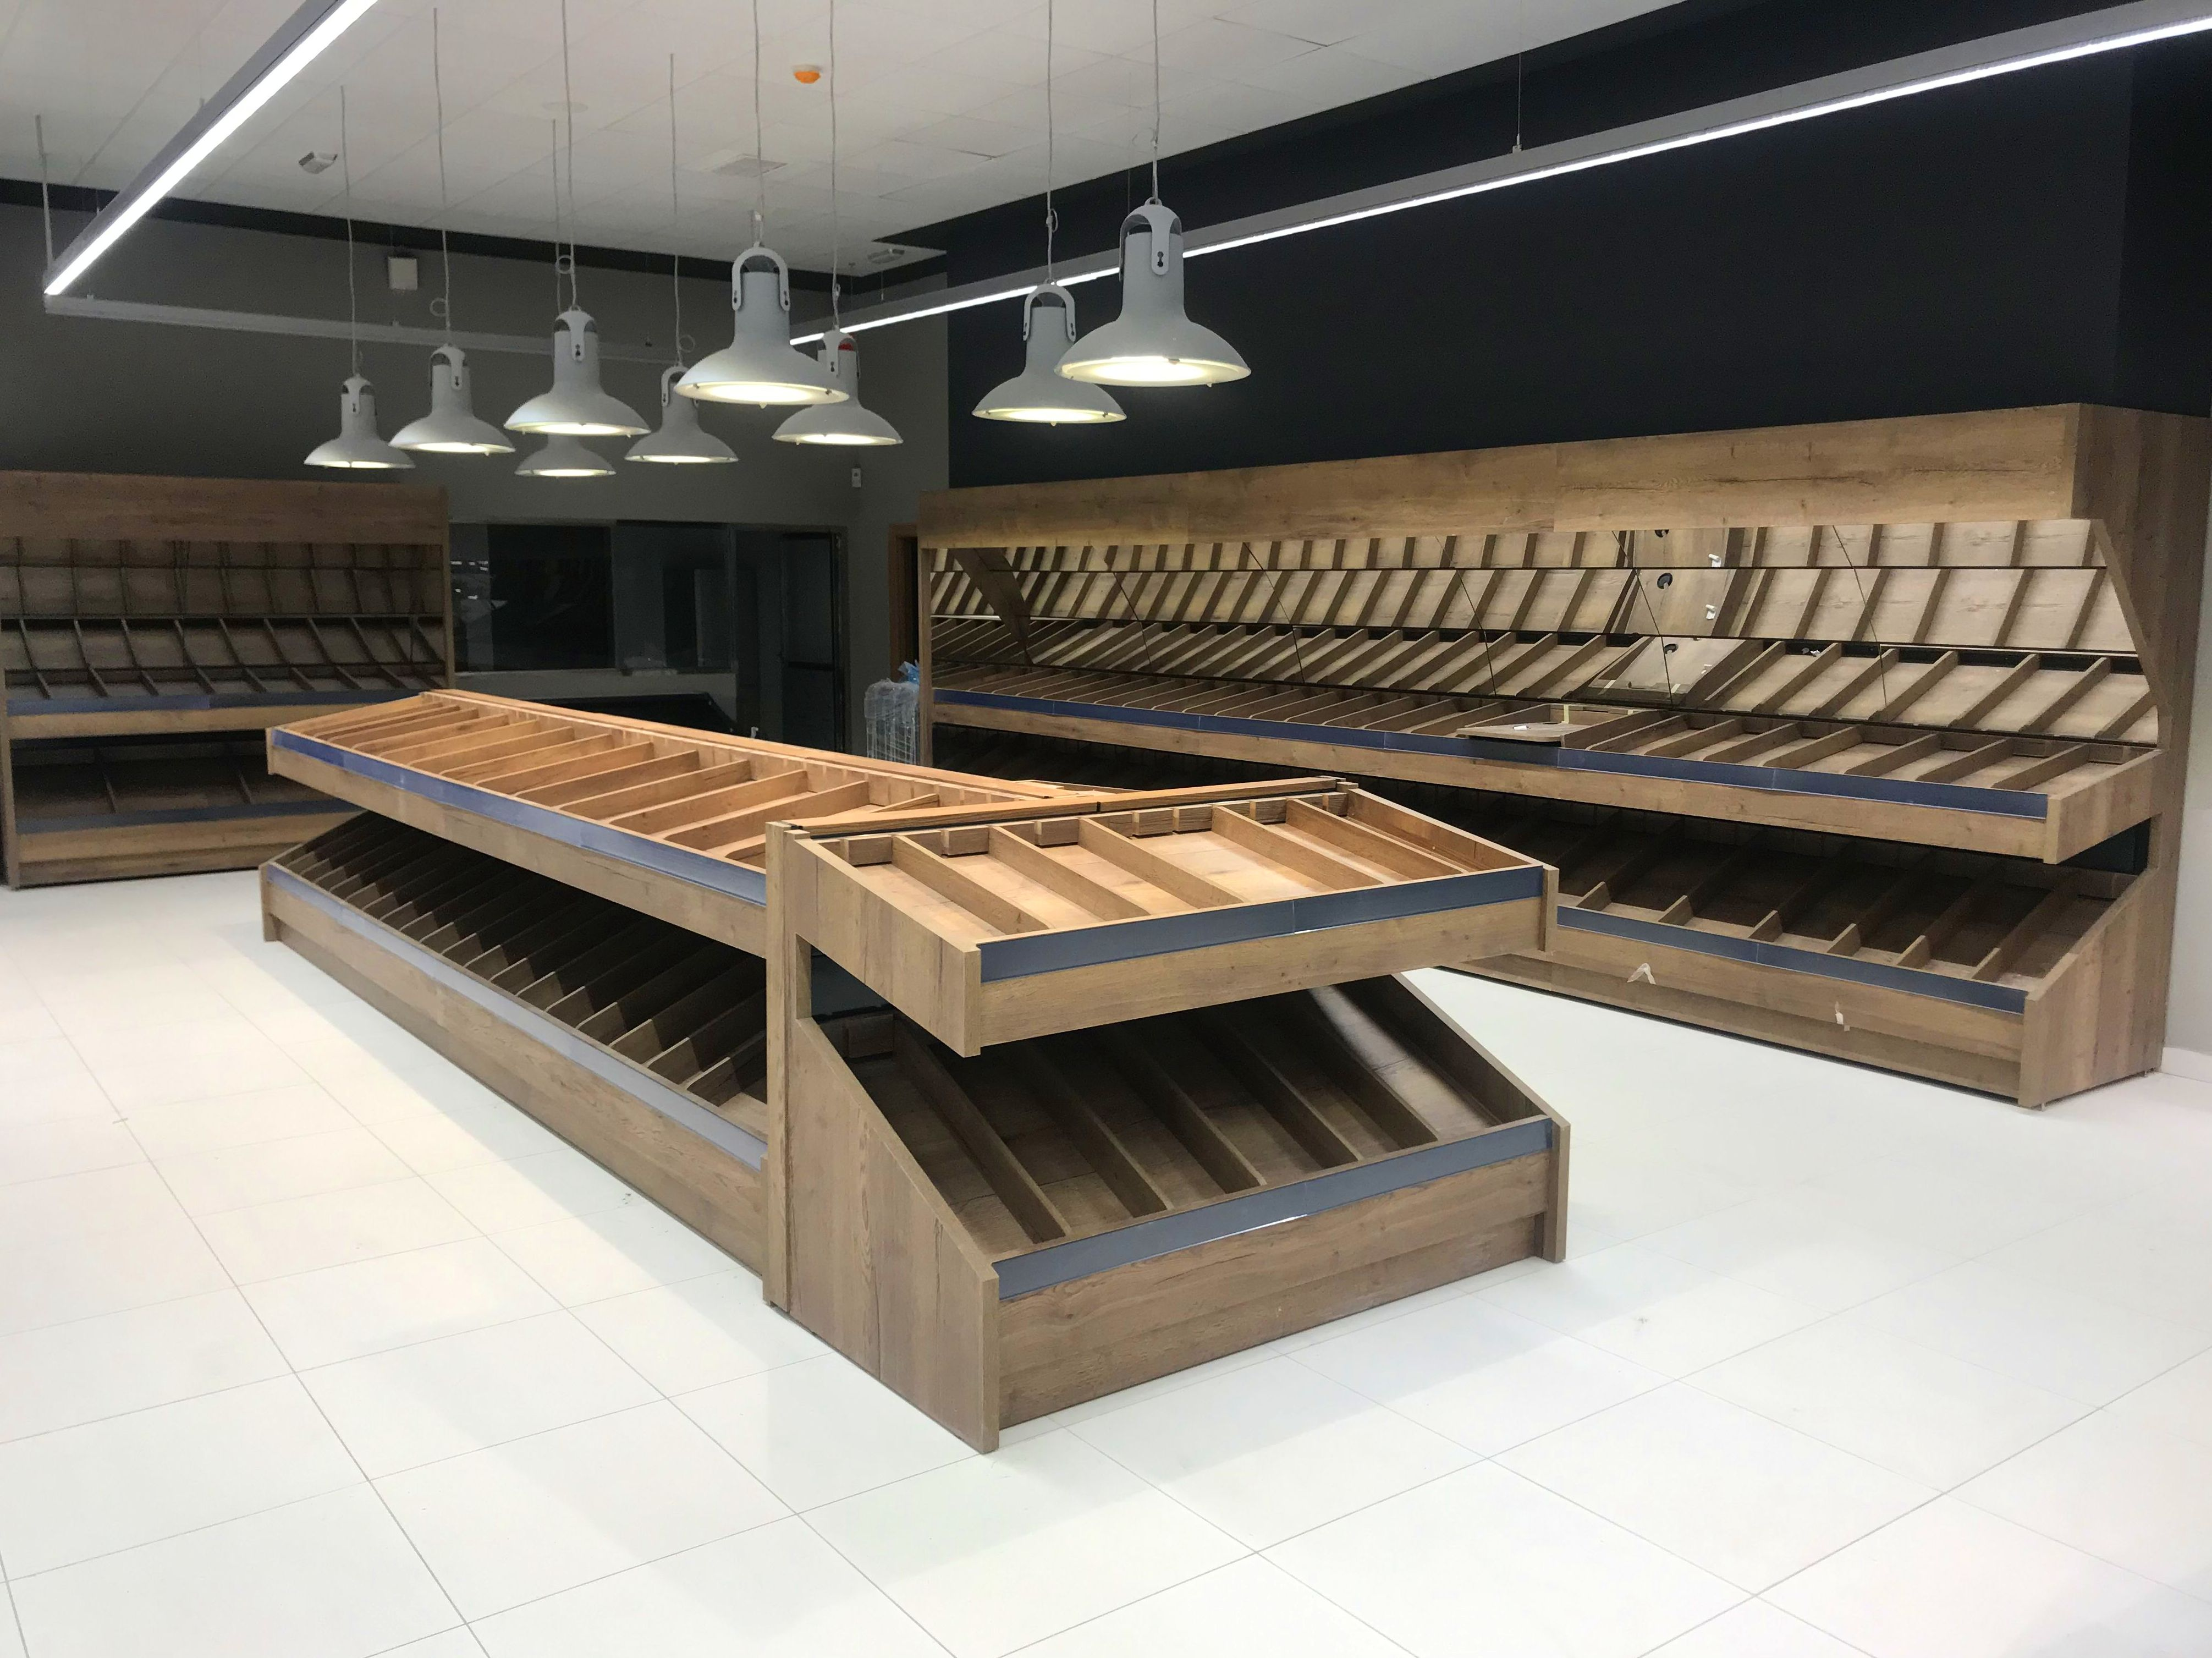 Fruteria acabado madera con separadores y espejos